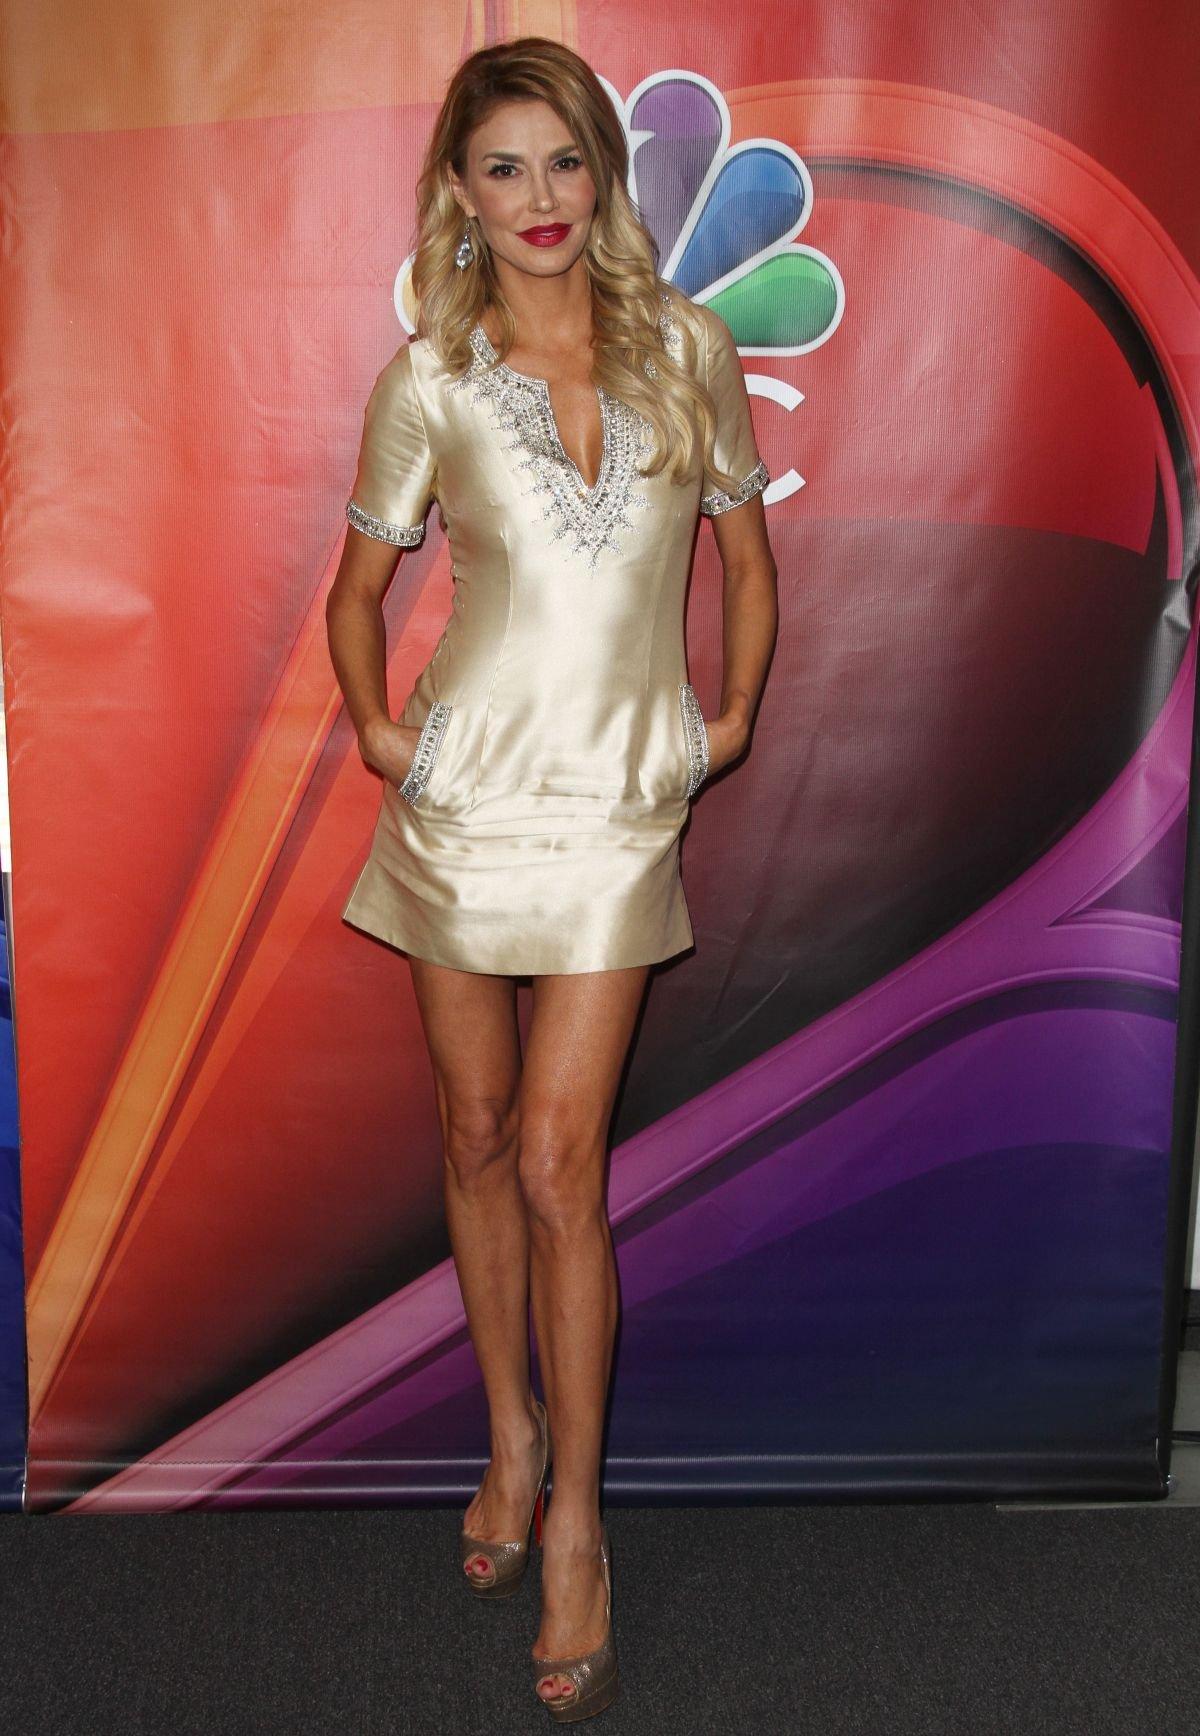 Брэнди Глэнвилл пришла на мероприятие в роскошном платье